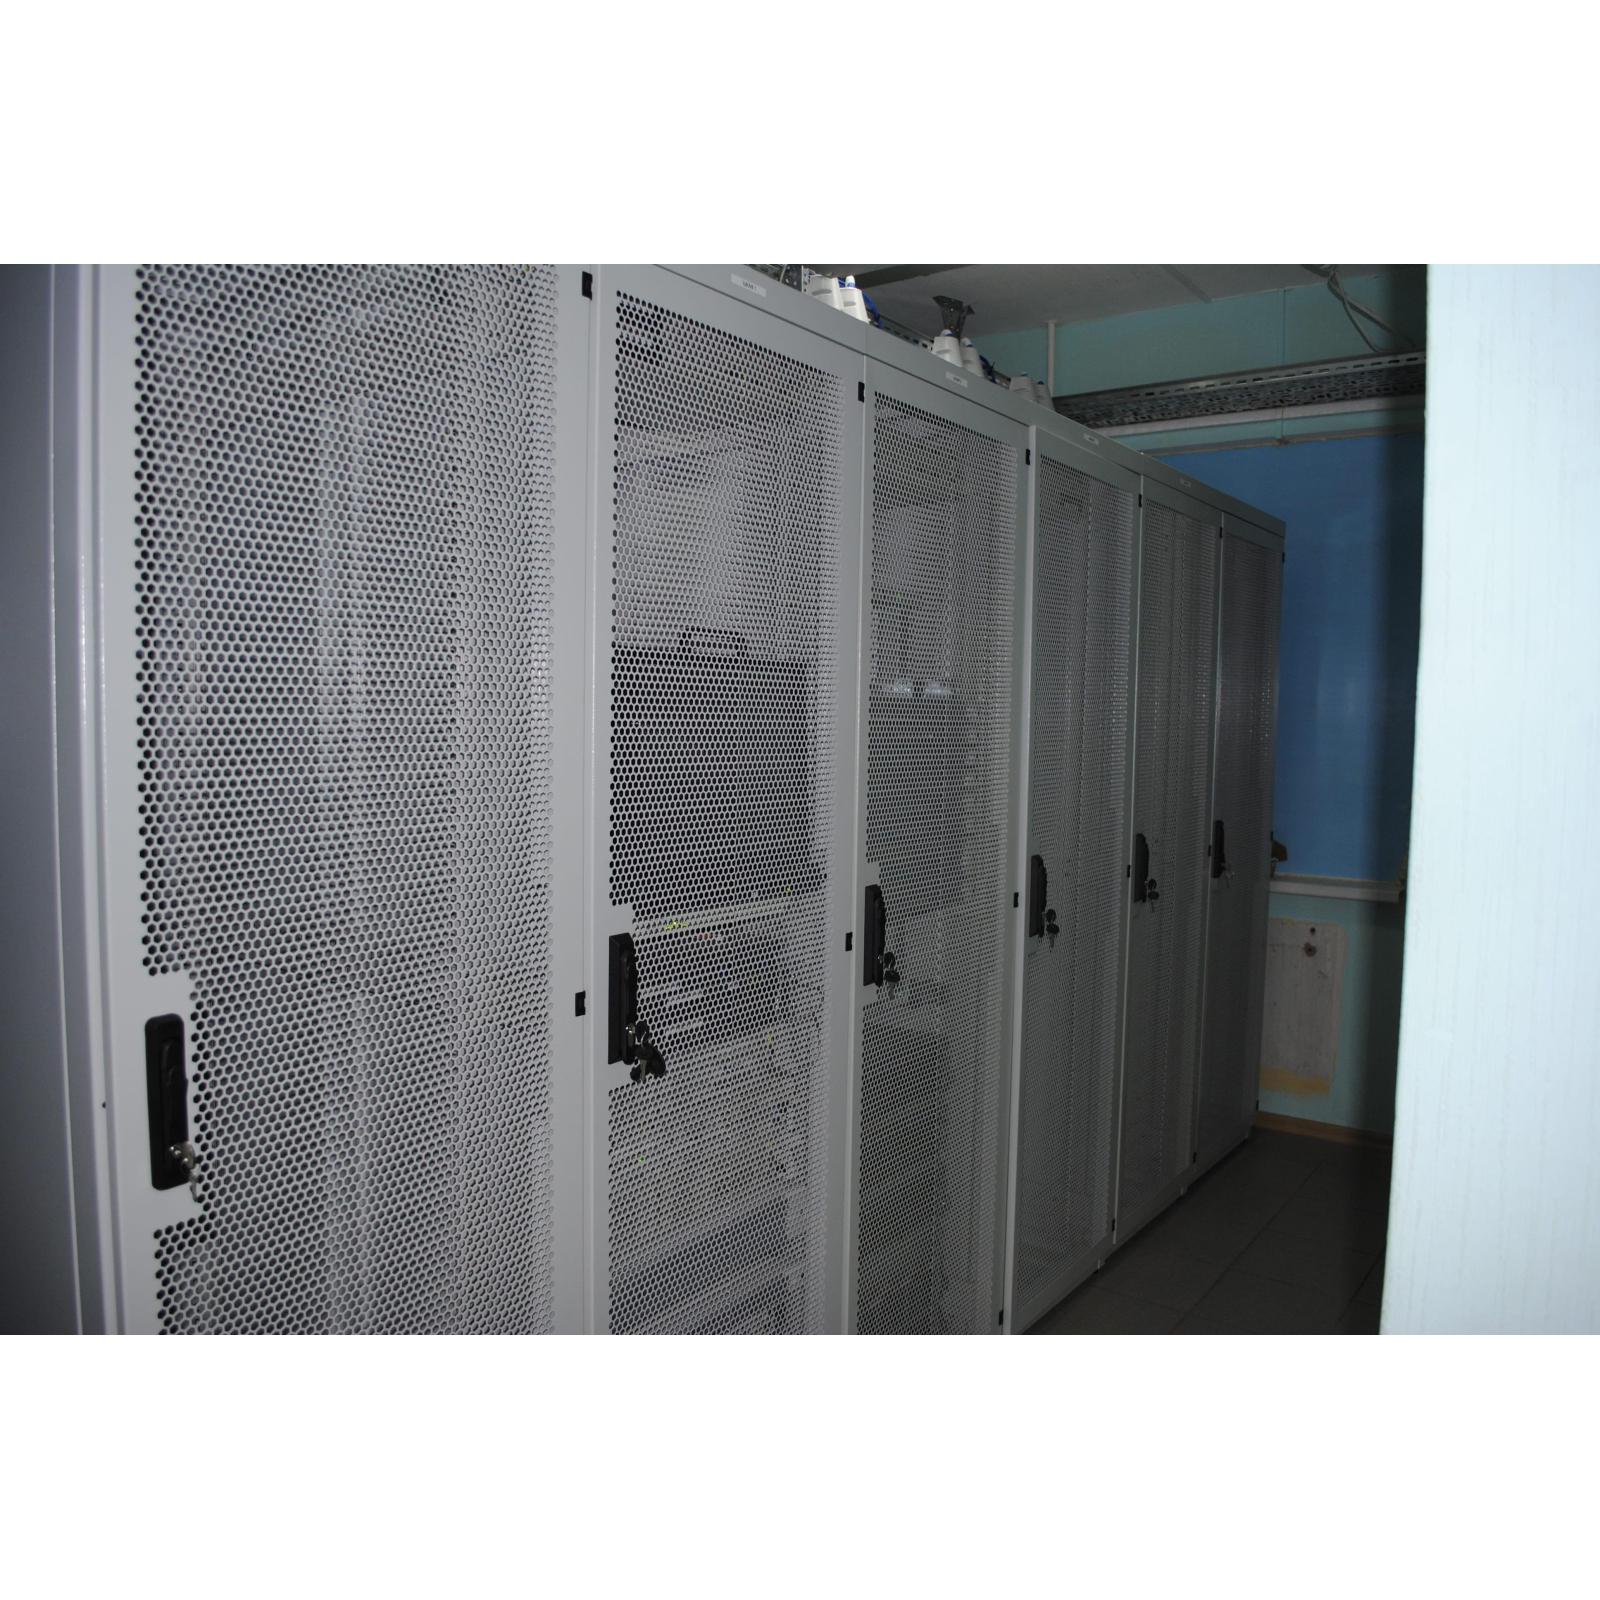 Шкаф напольный CSV 42U Rackmount 600x800 Glass изображение 11